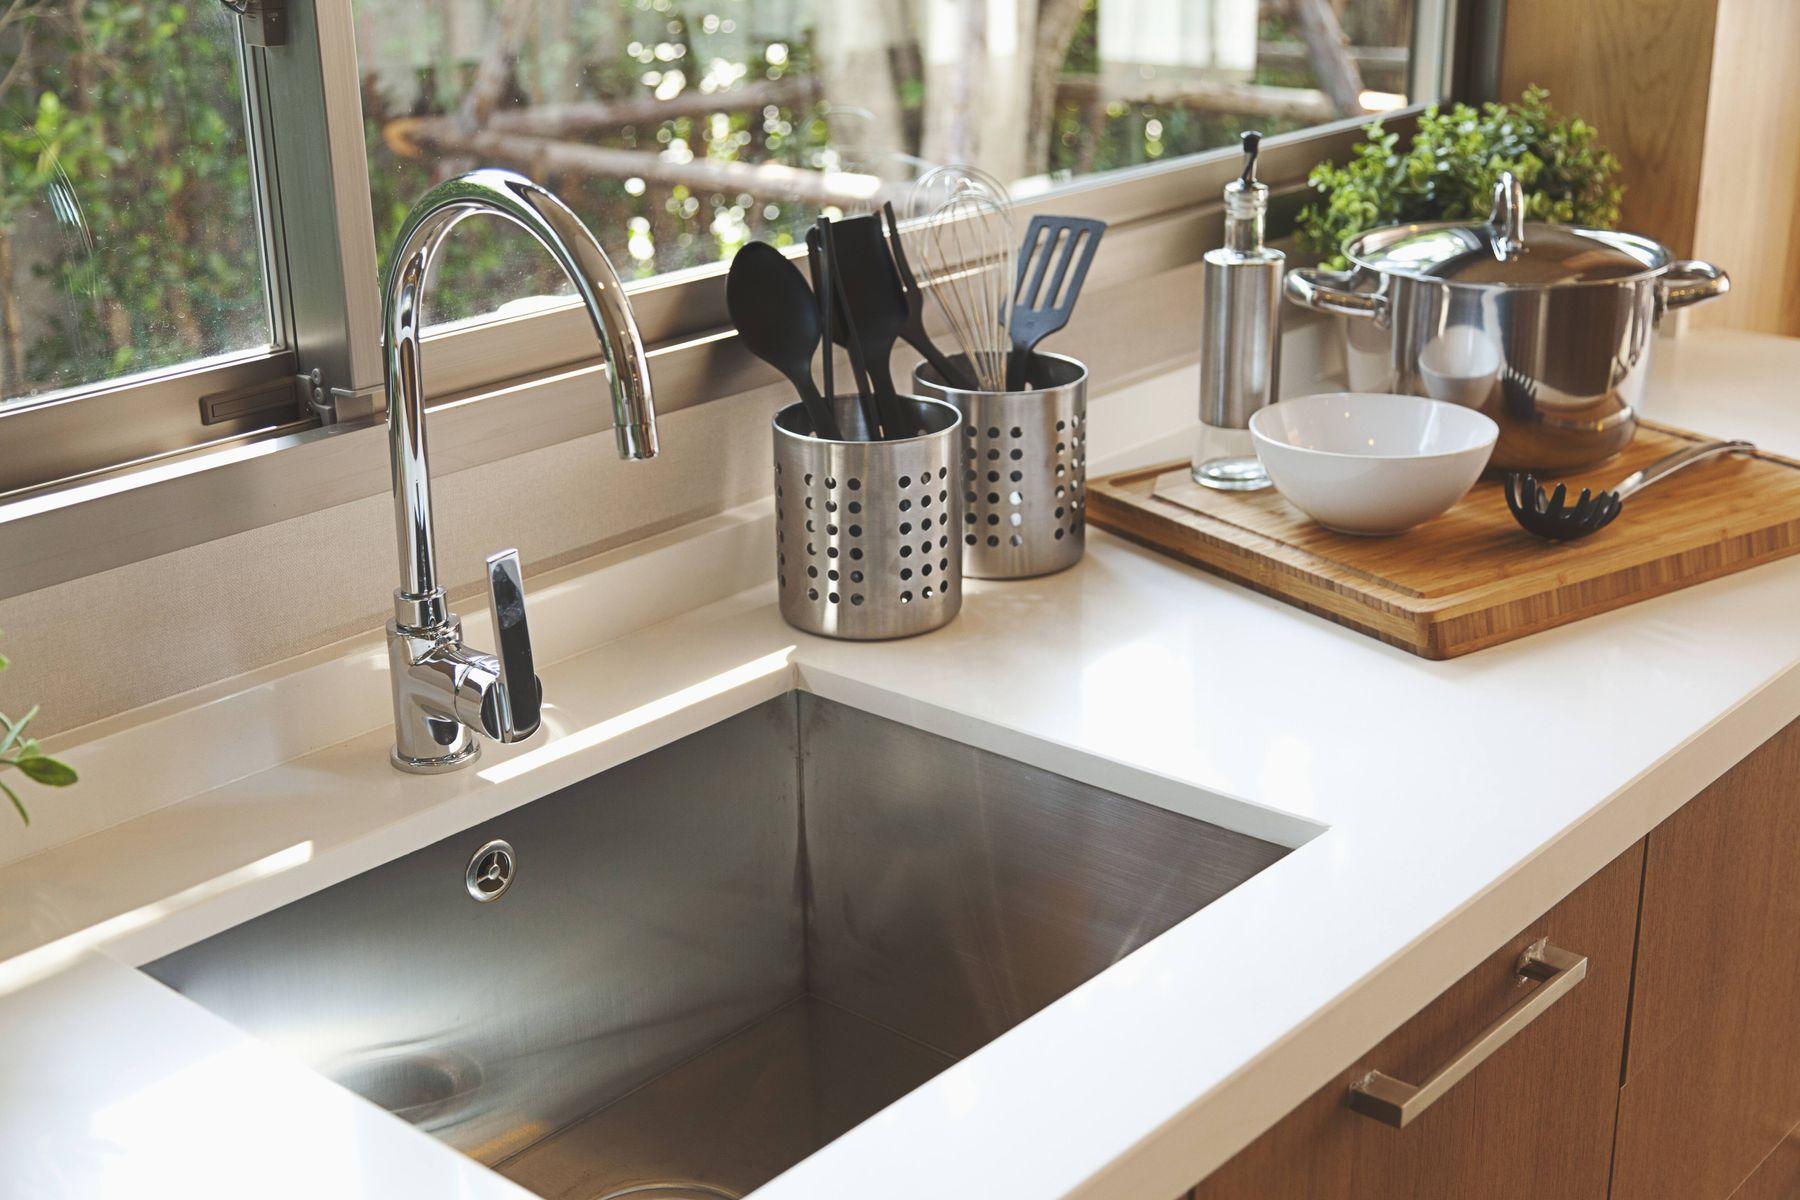 Cách chống ẩm mốc cho các dụng cụ nhà bếp hiệu quả cho ngày Tết tươm tất